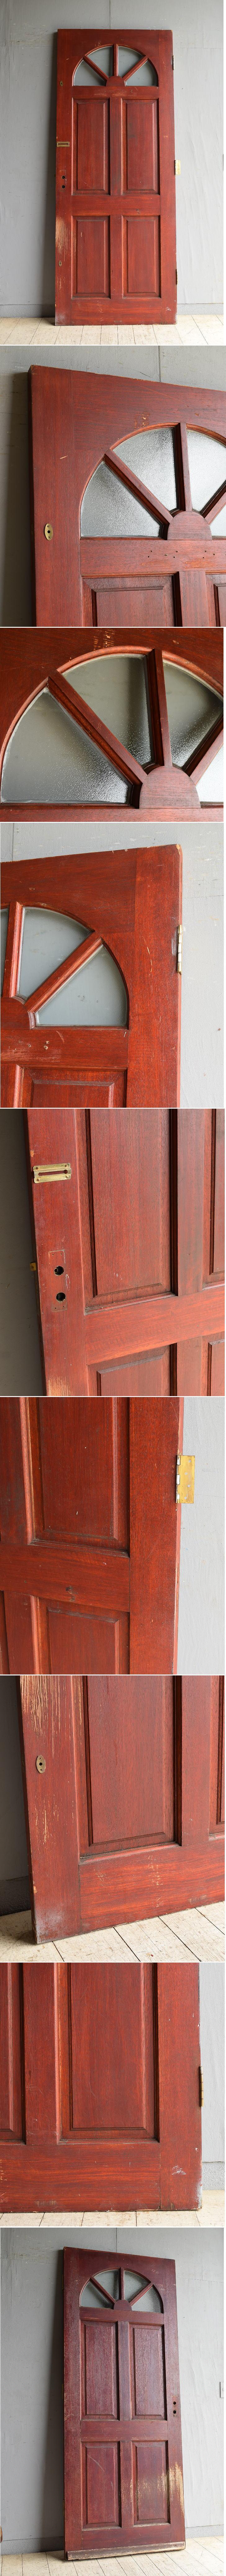 イギリス アンティーク ドア 扉 建具 8603